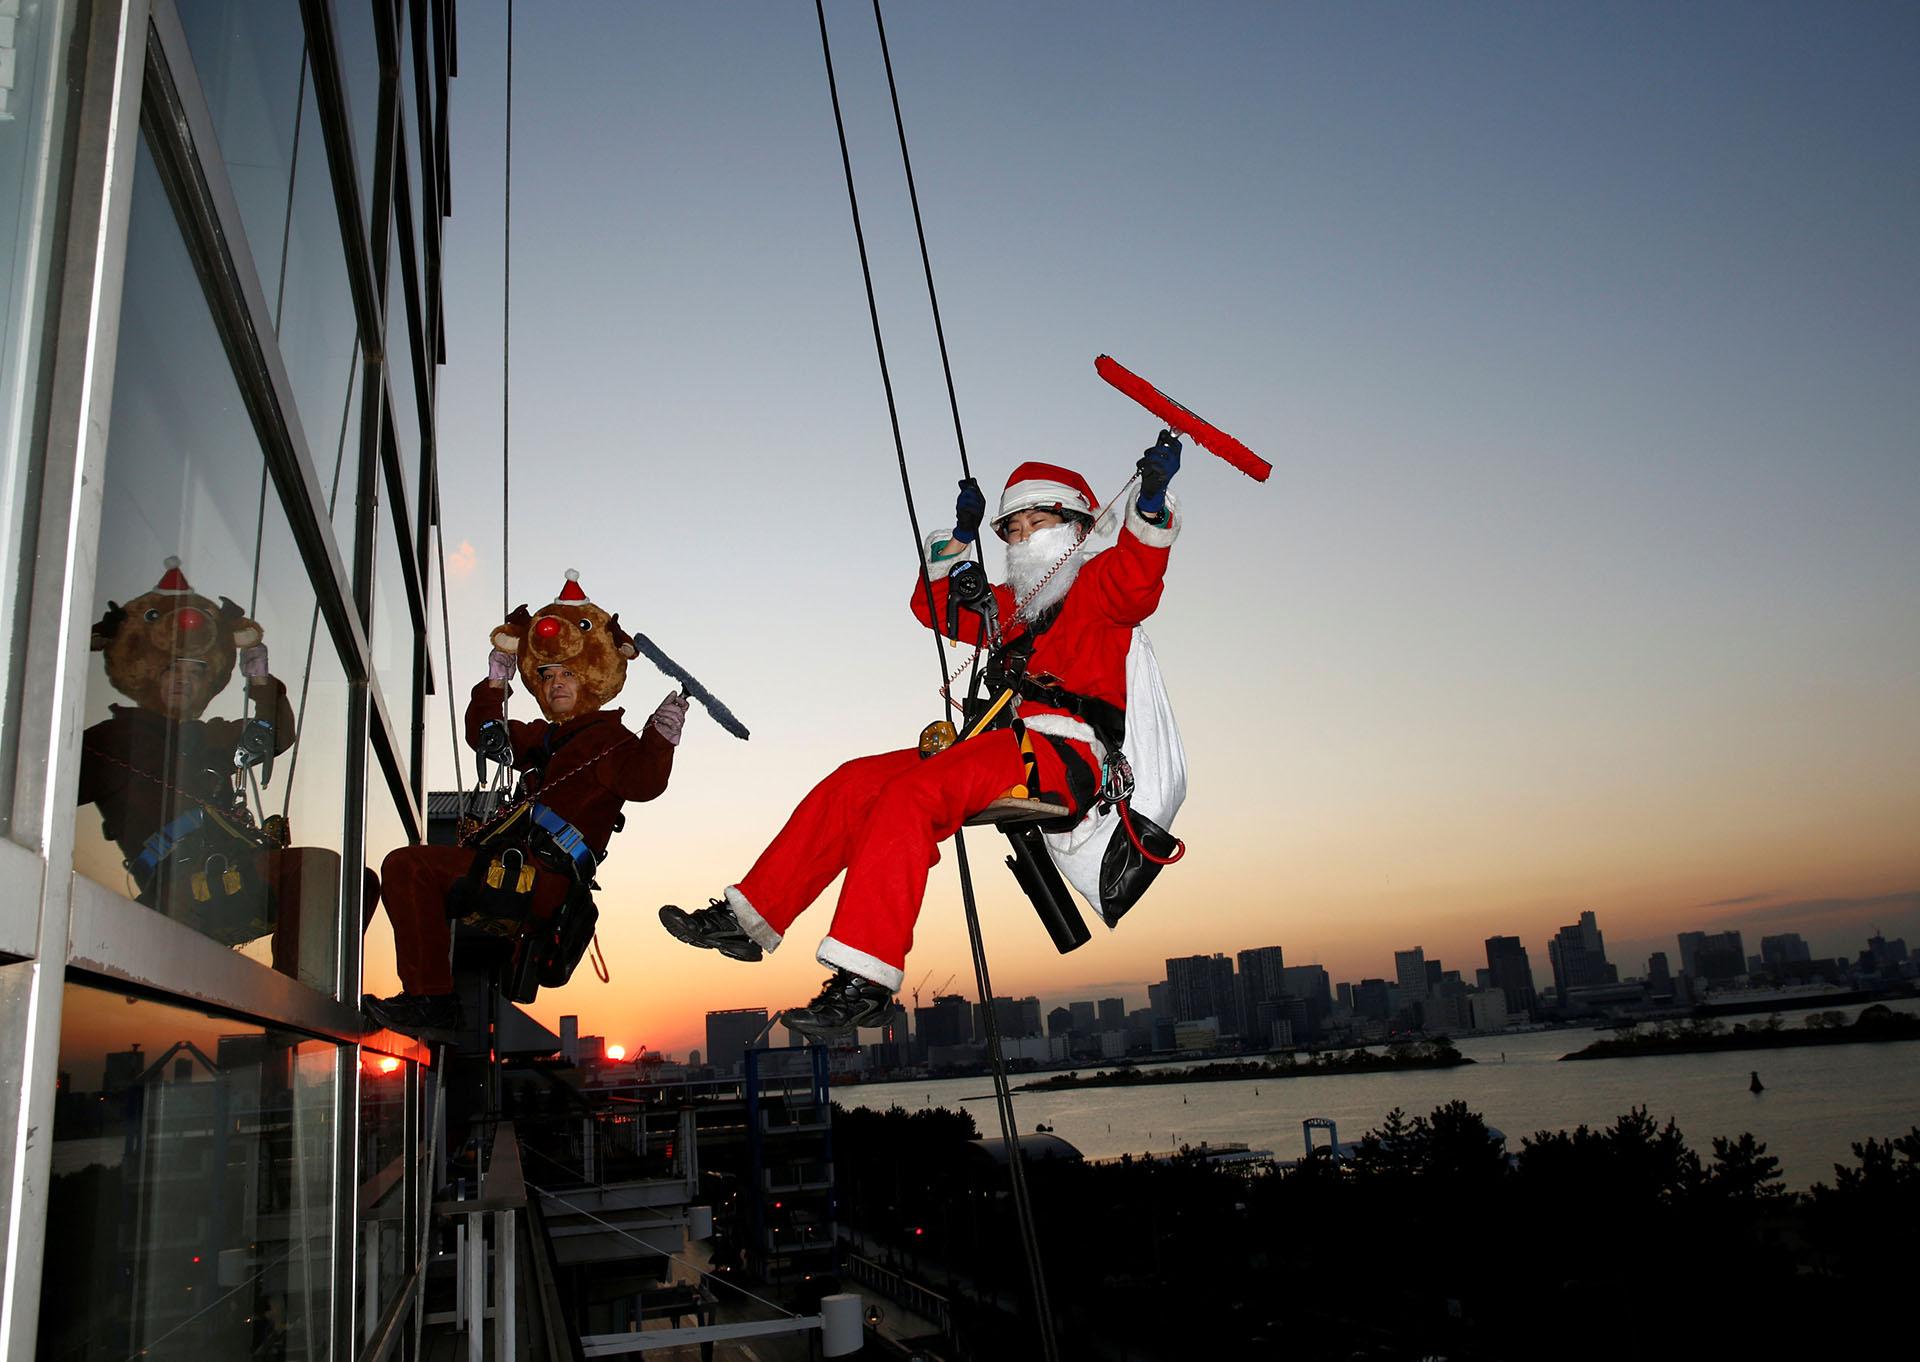 Los limpiadores de ventanas vestidos como Santa Claus y un reno posan para los fotógrafos mientras limpian una ventana de vidrio en un evento para celebrar la próxima Navidad en DECKS Tokyo Beach en Tokio, Japón, el 21 de diciembre de 2017. (Reuters)